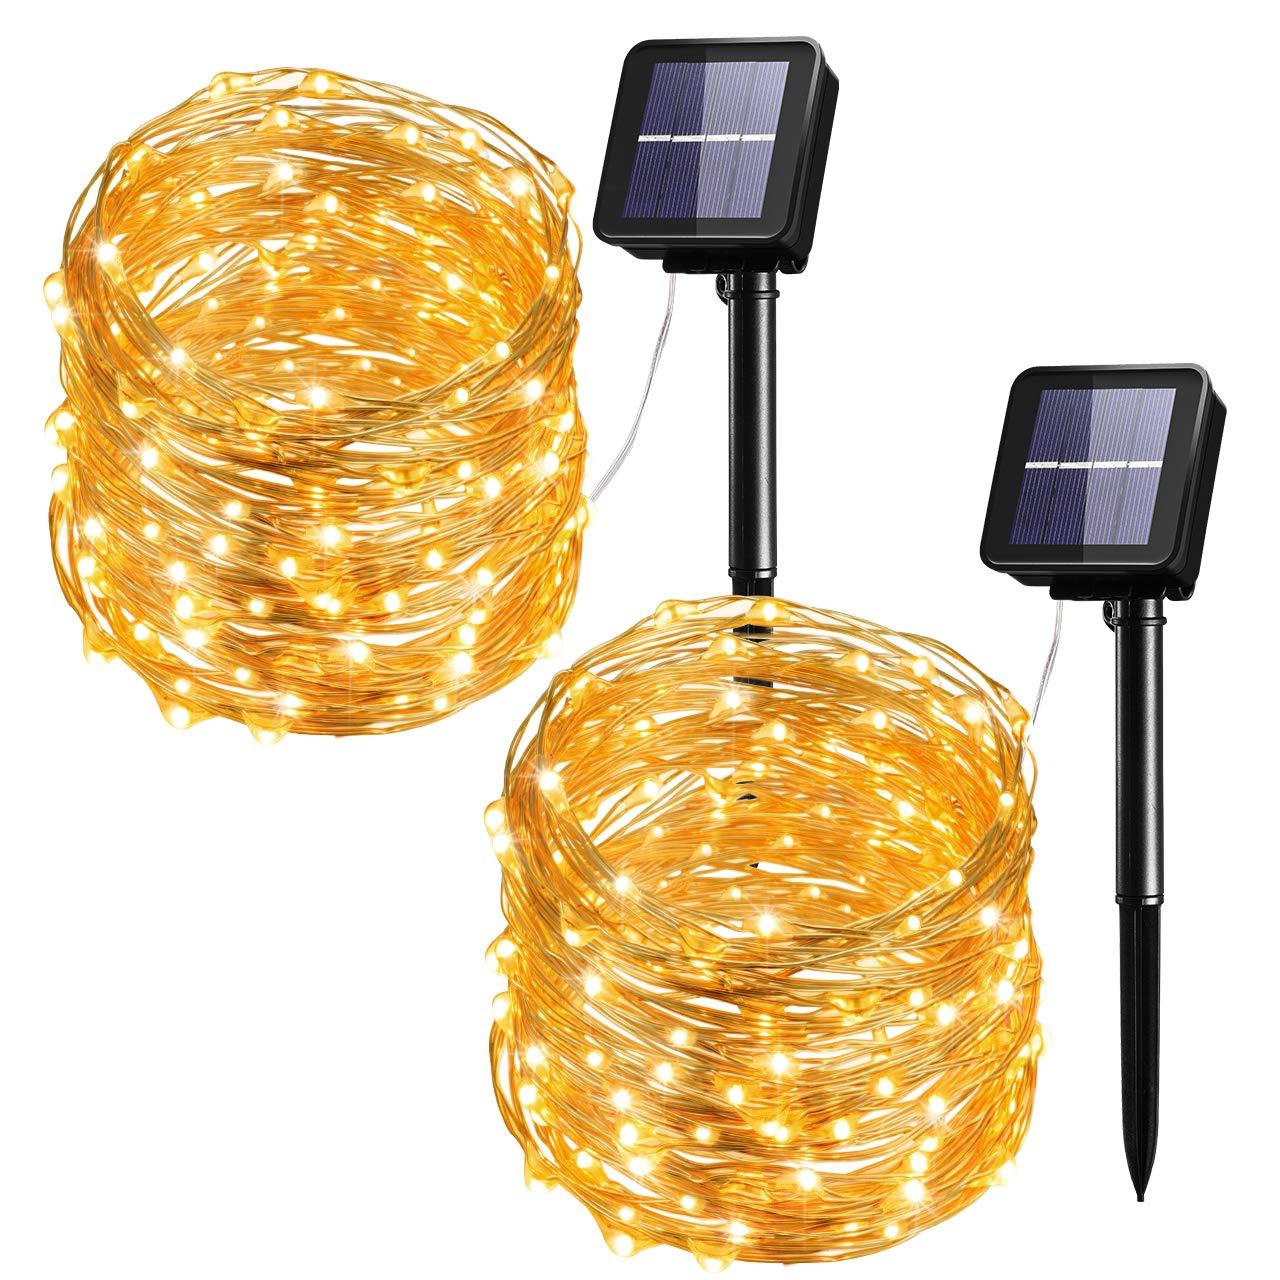 100 LED Outdoor String Lights